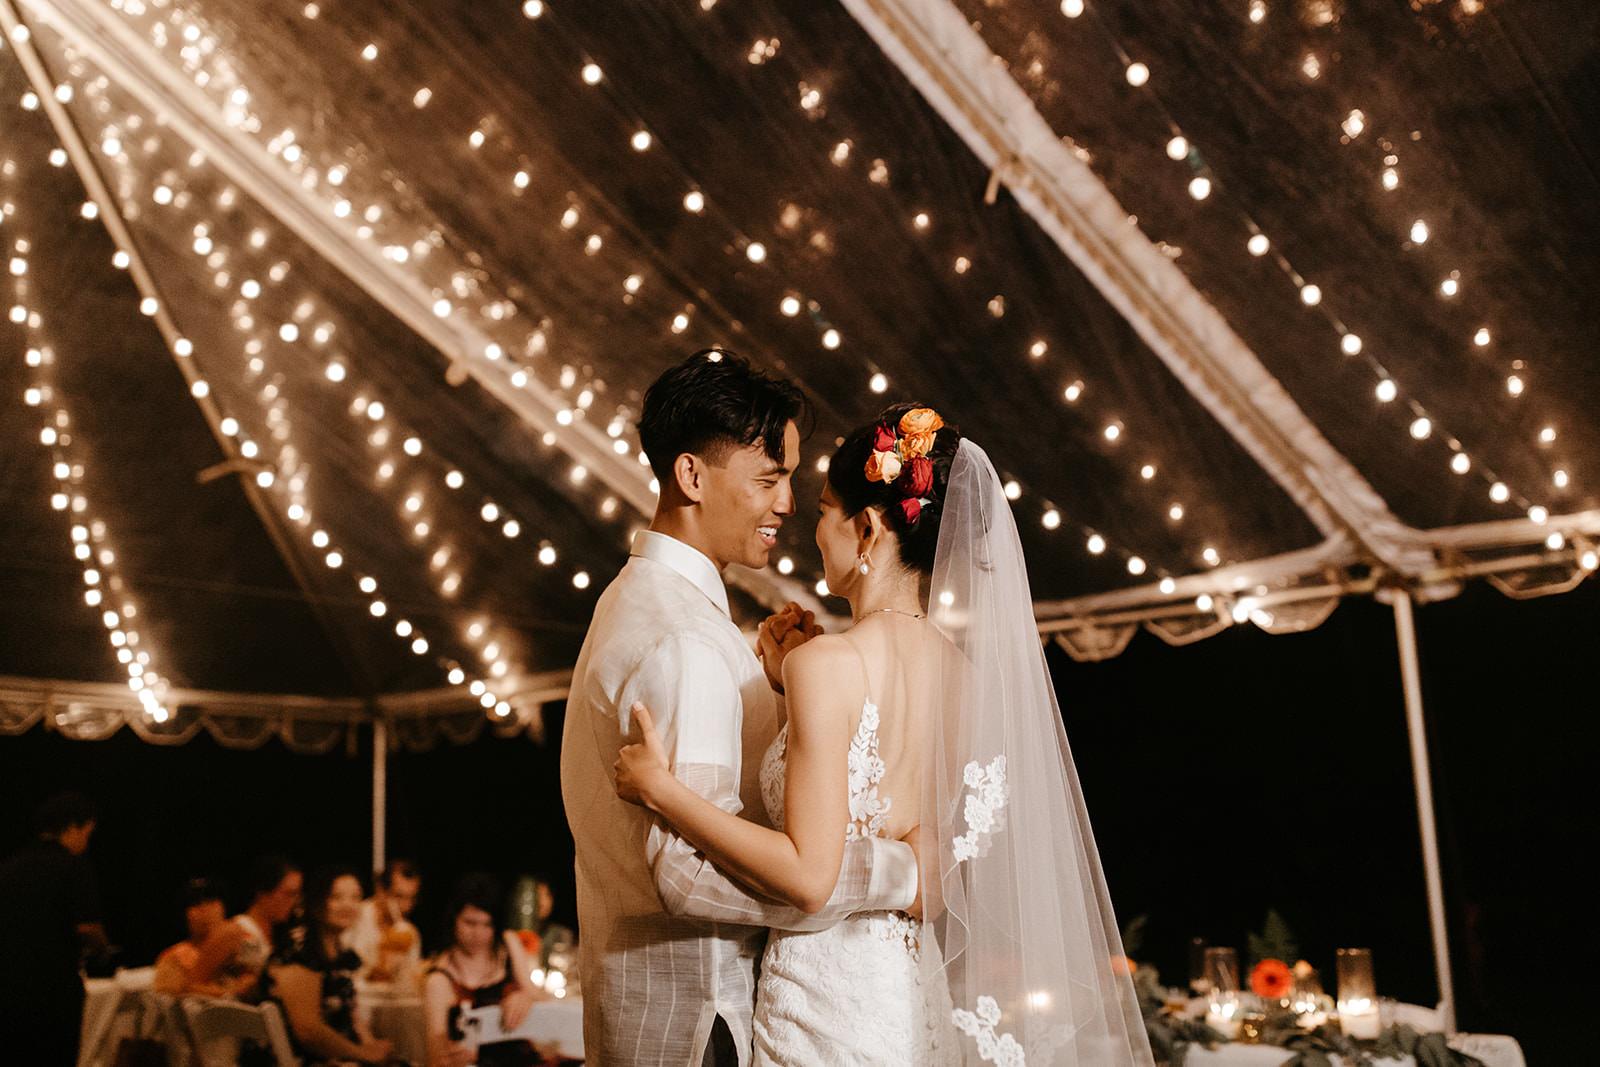 Kualoa_Hawaii_wedding_paliku_9.jpg